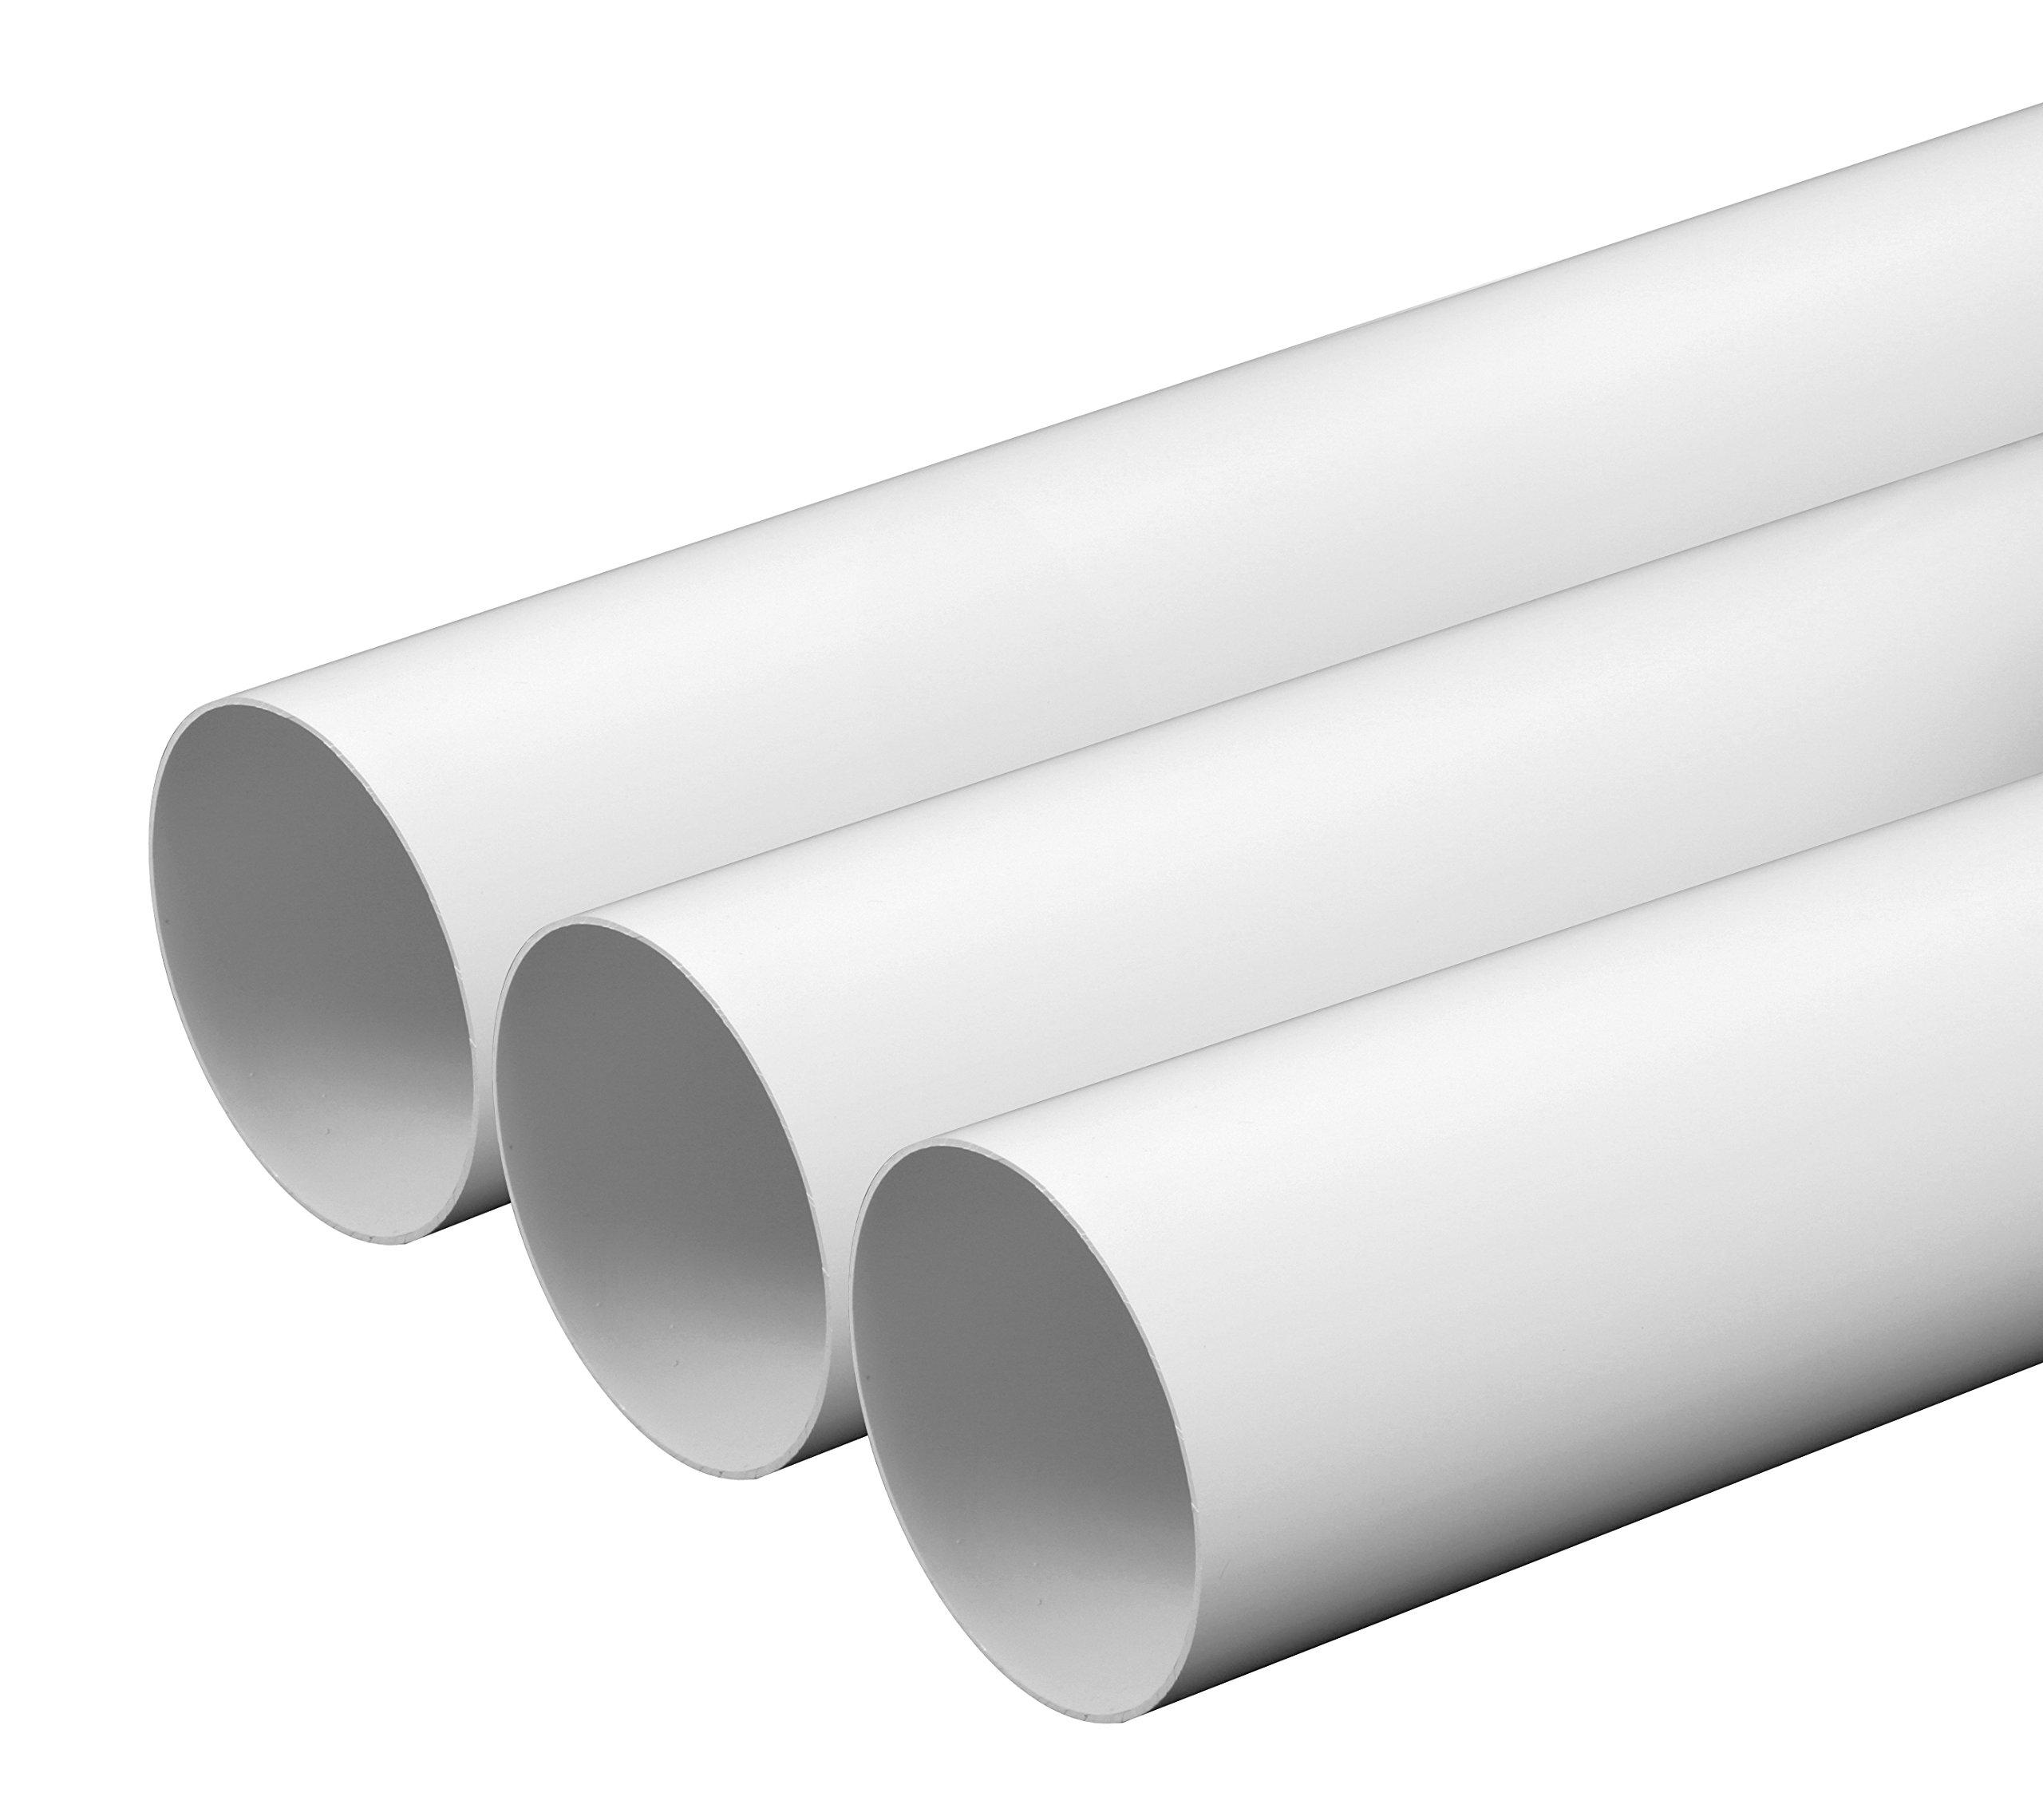 Tubo de ventilación (150 mm de diámetro longitud 1 m metros de tubería de plástico redondo